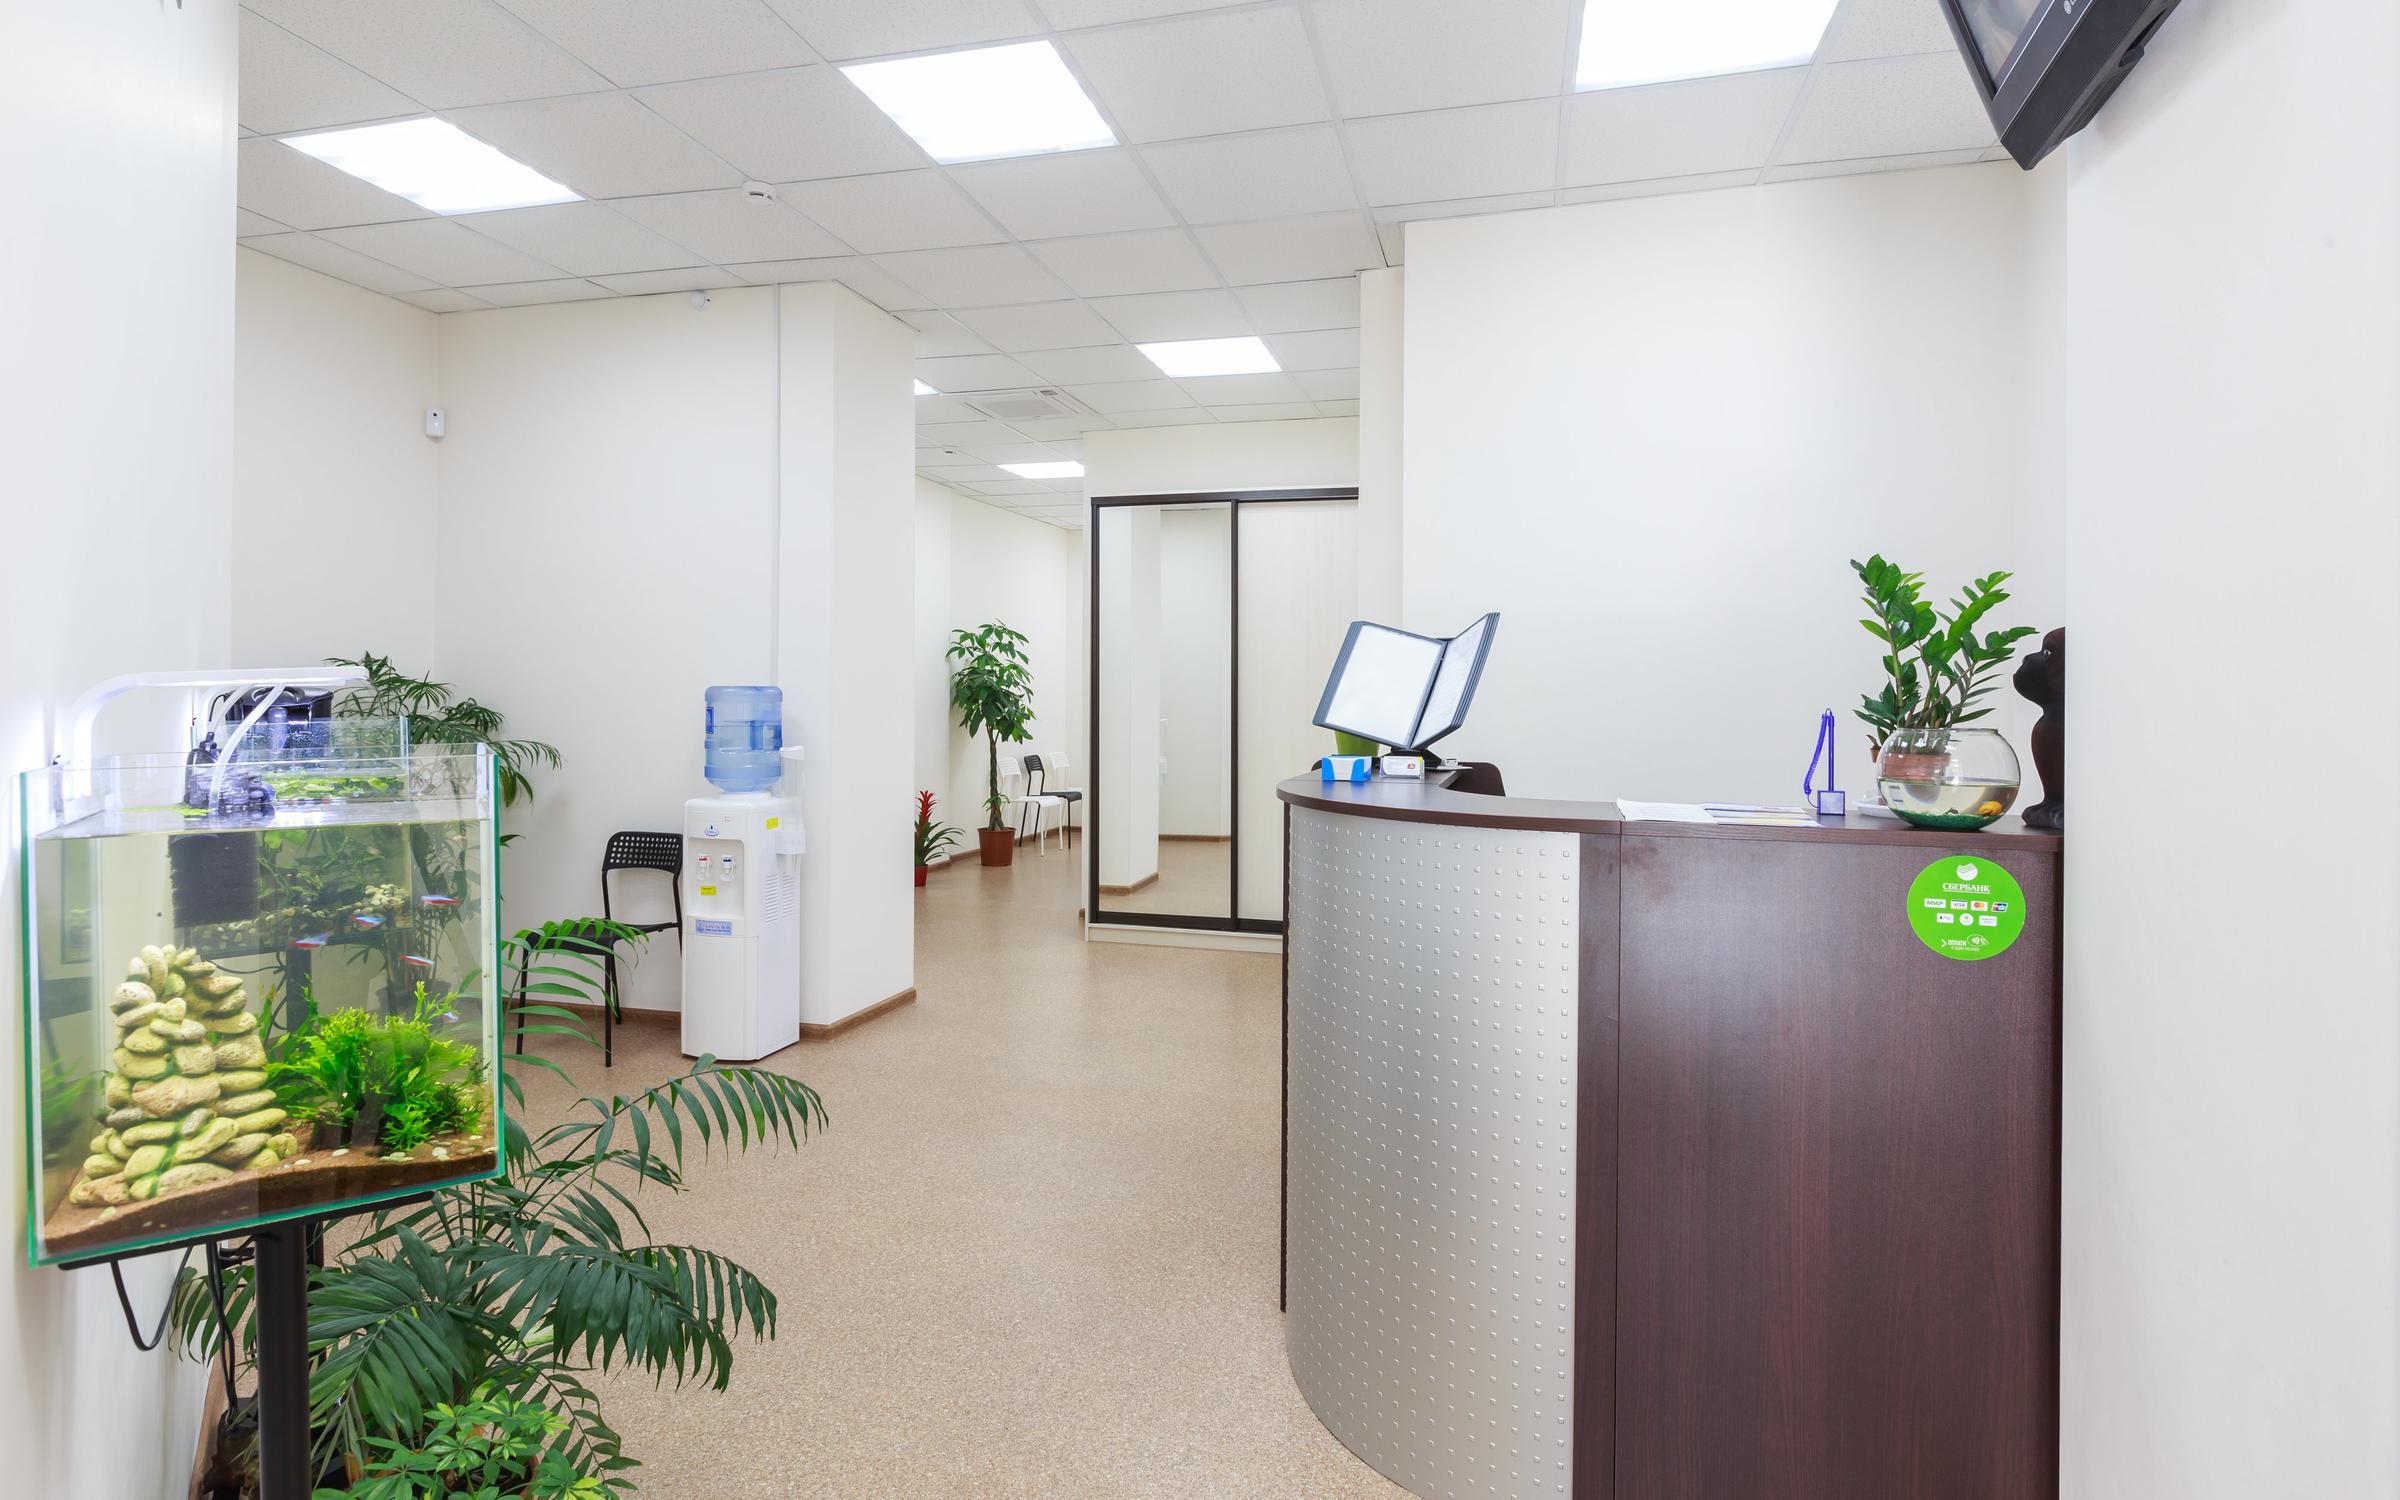 фотография Медицинского центра Здравница в Реутове